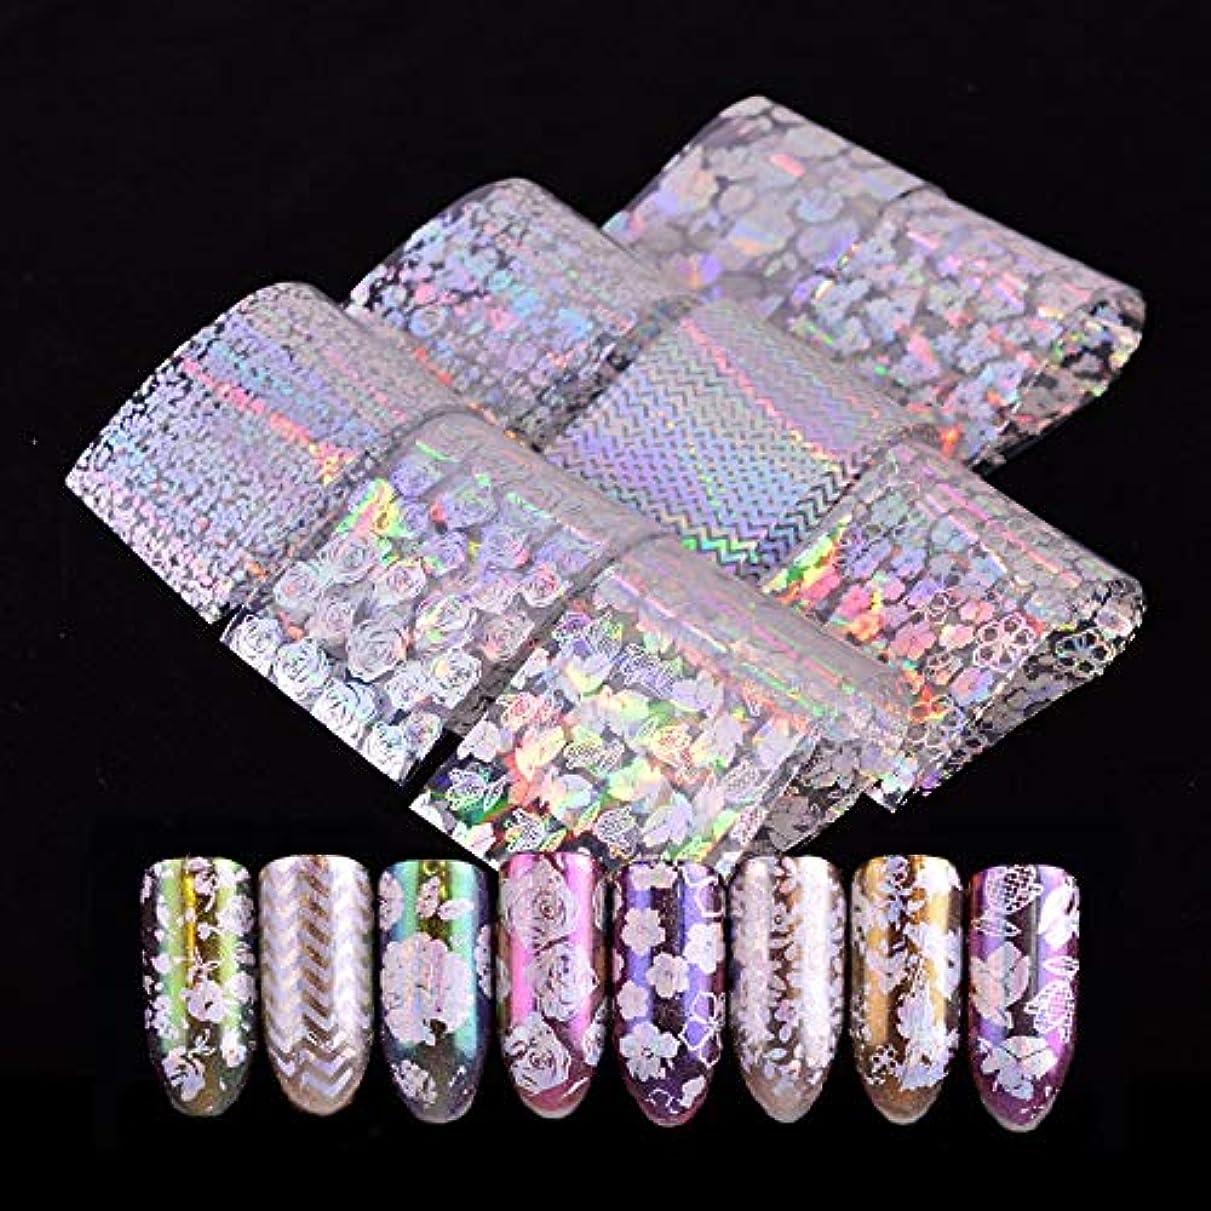 免疫百万入力8ピースレーザーネイルホイルホログラフィック転写アートステッカーカラーグラデーションフラワーローズデザイン透明なヒントの装飾マニキュアソルト